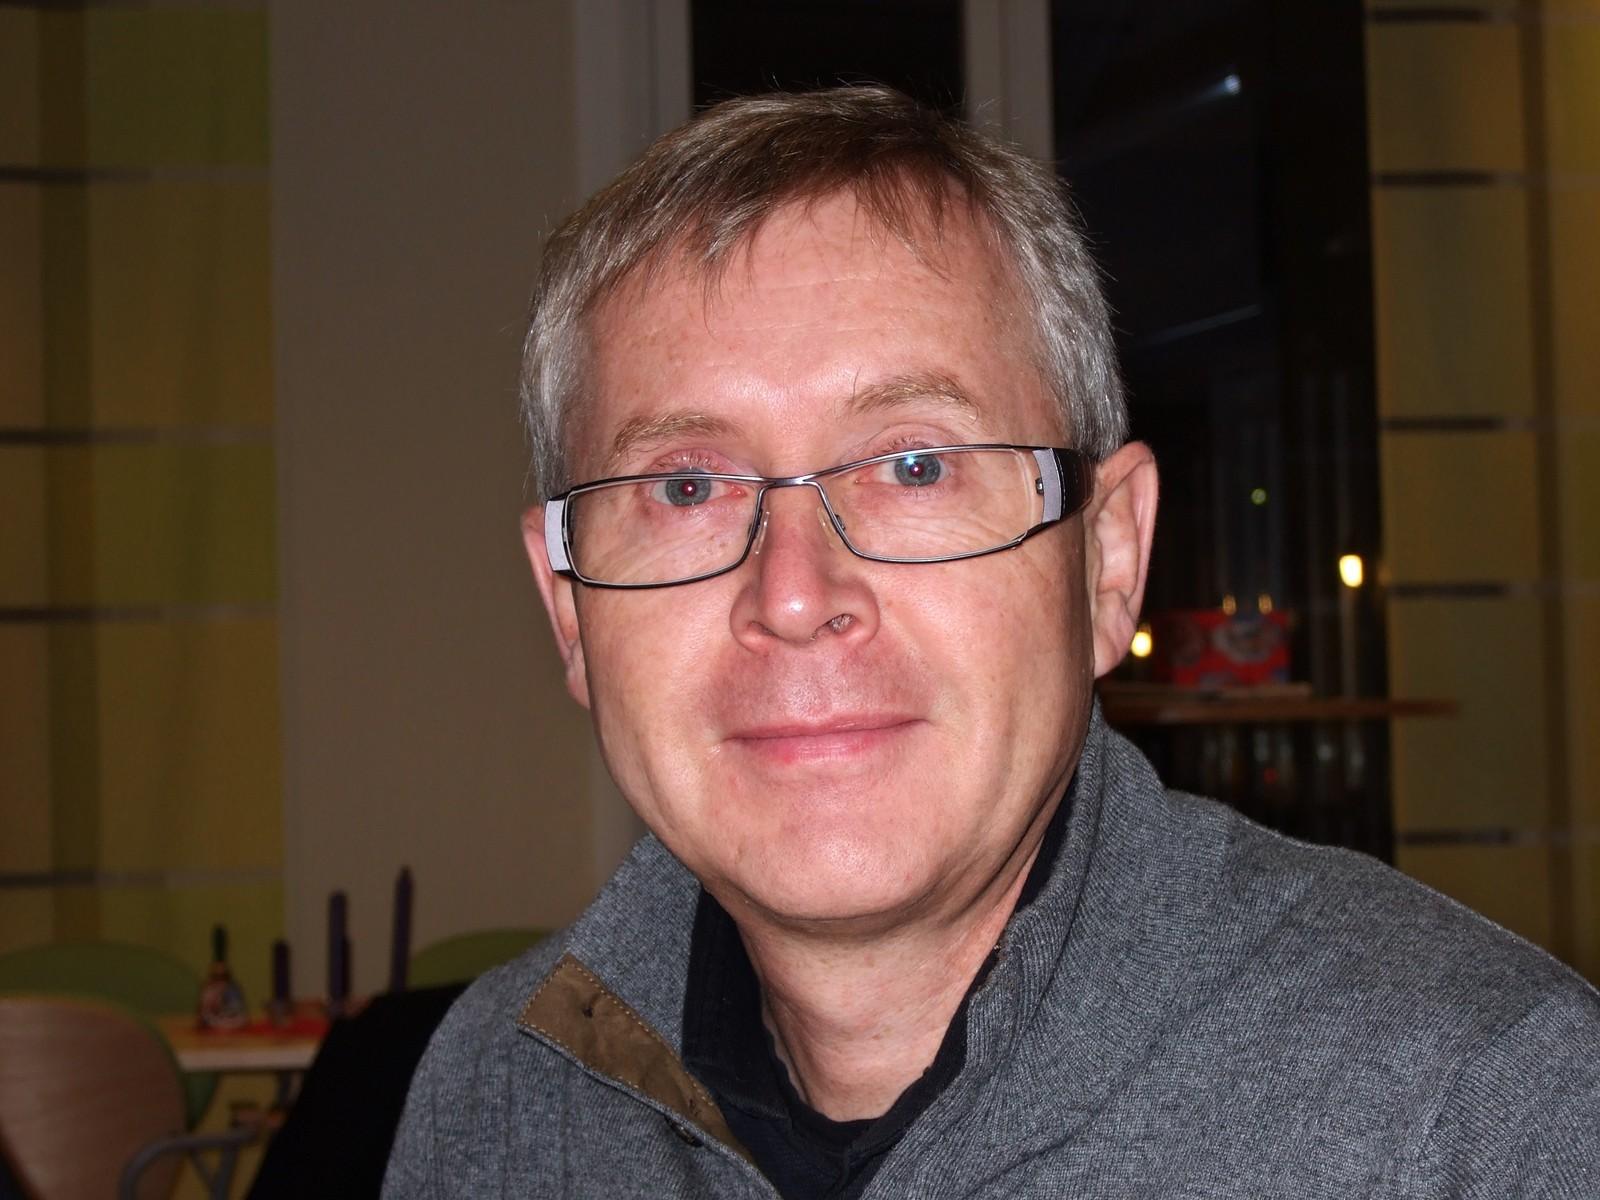 Jan Vaage blir direktør for helse og omsorg. Er i dag fylkeslege i Sør-Trøndelag. En funksjon han har hatt siden han begynte hos Fylkesmannen i 2004.